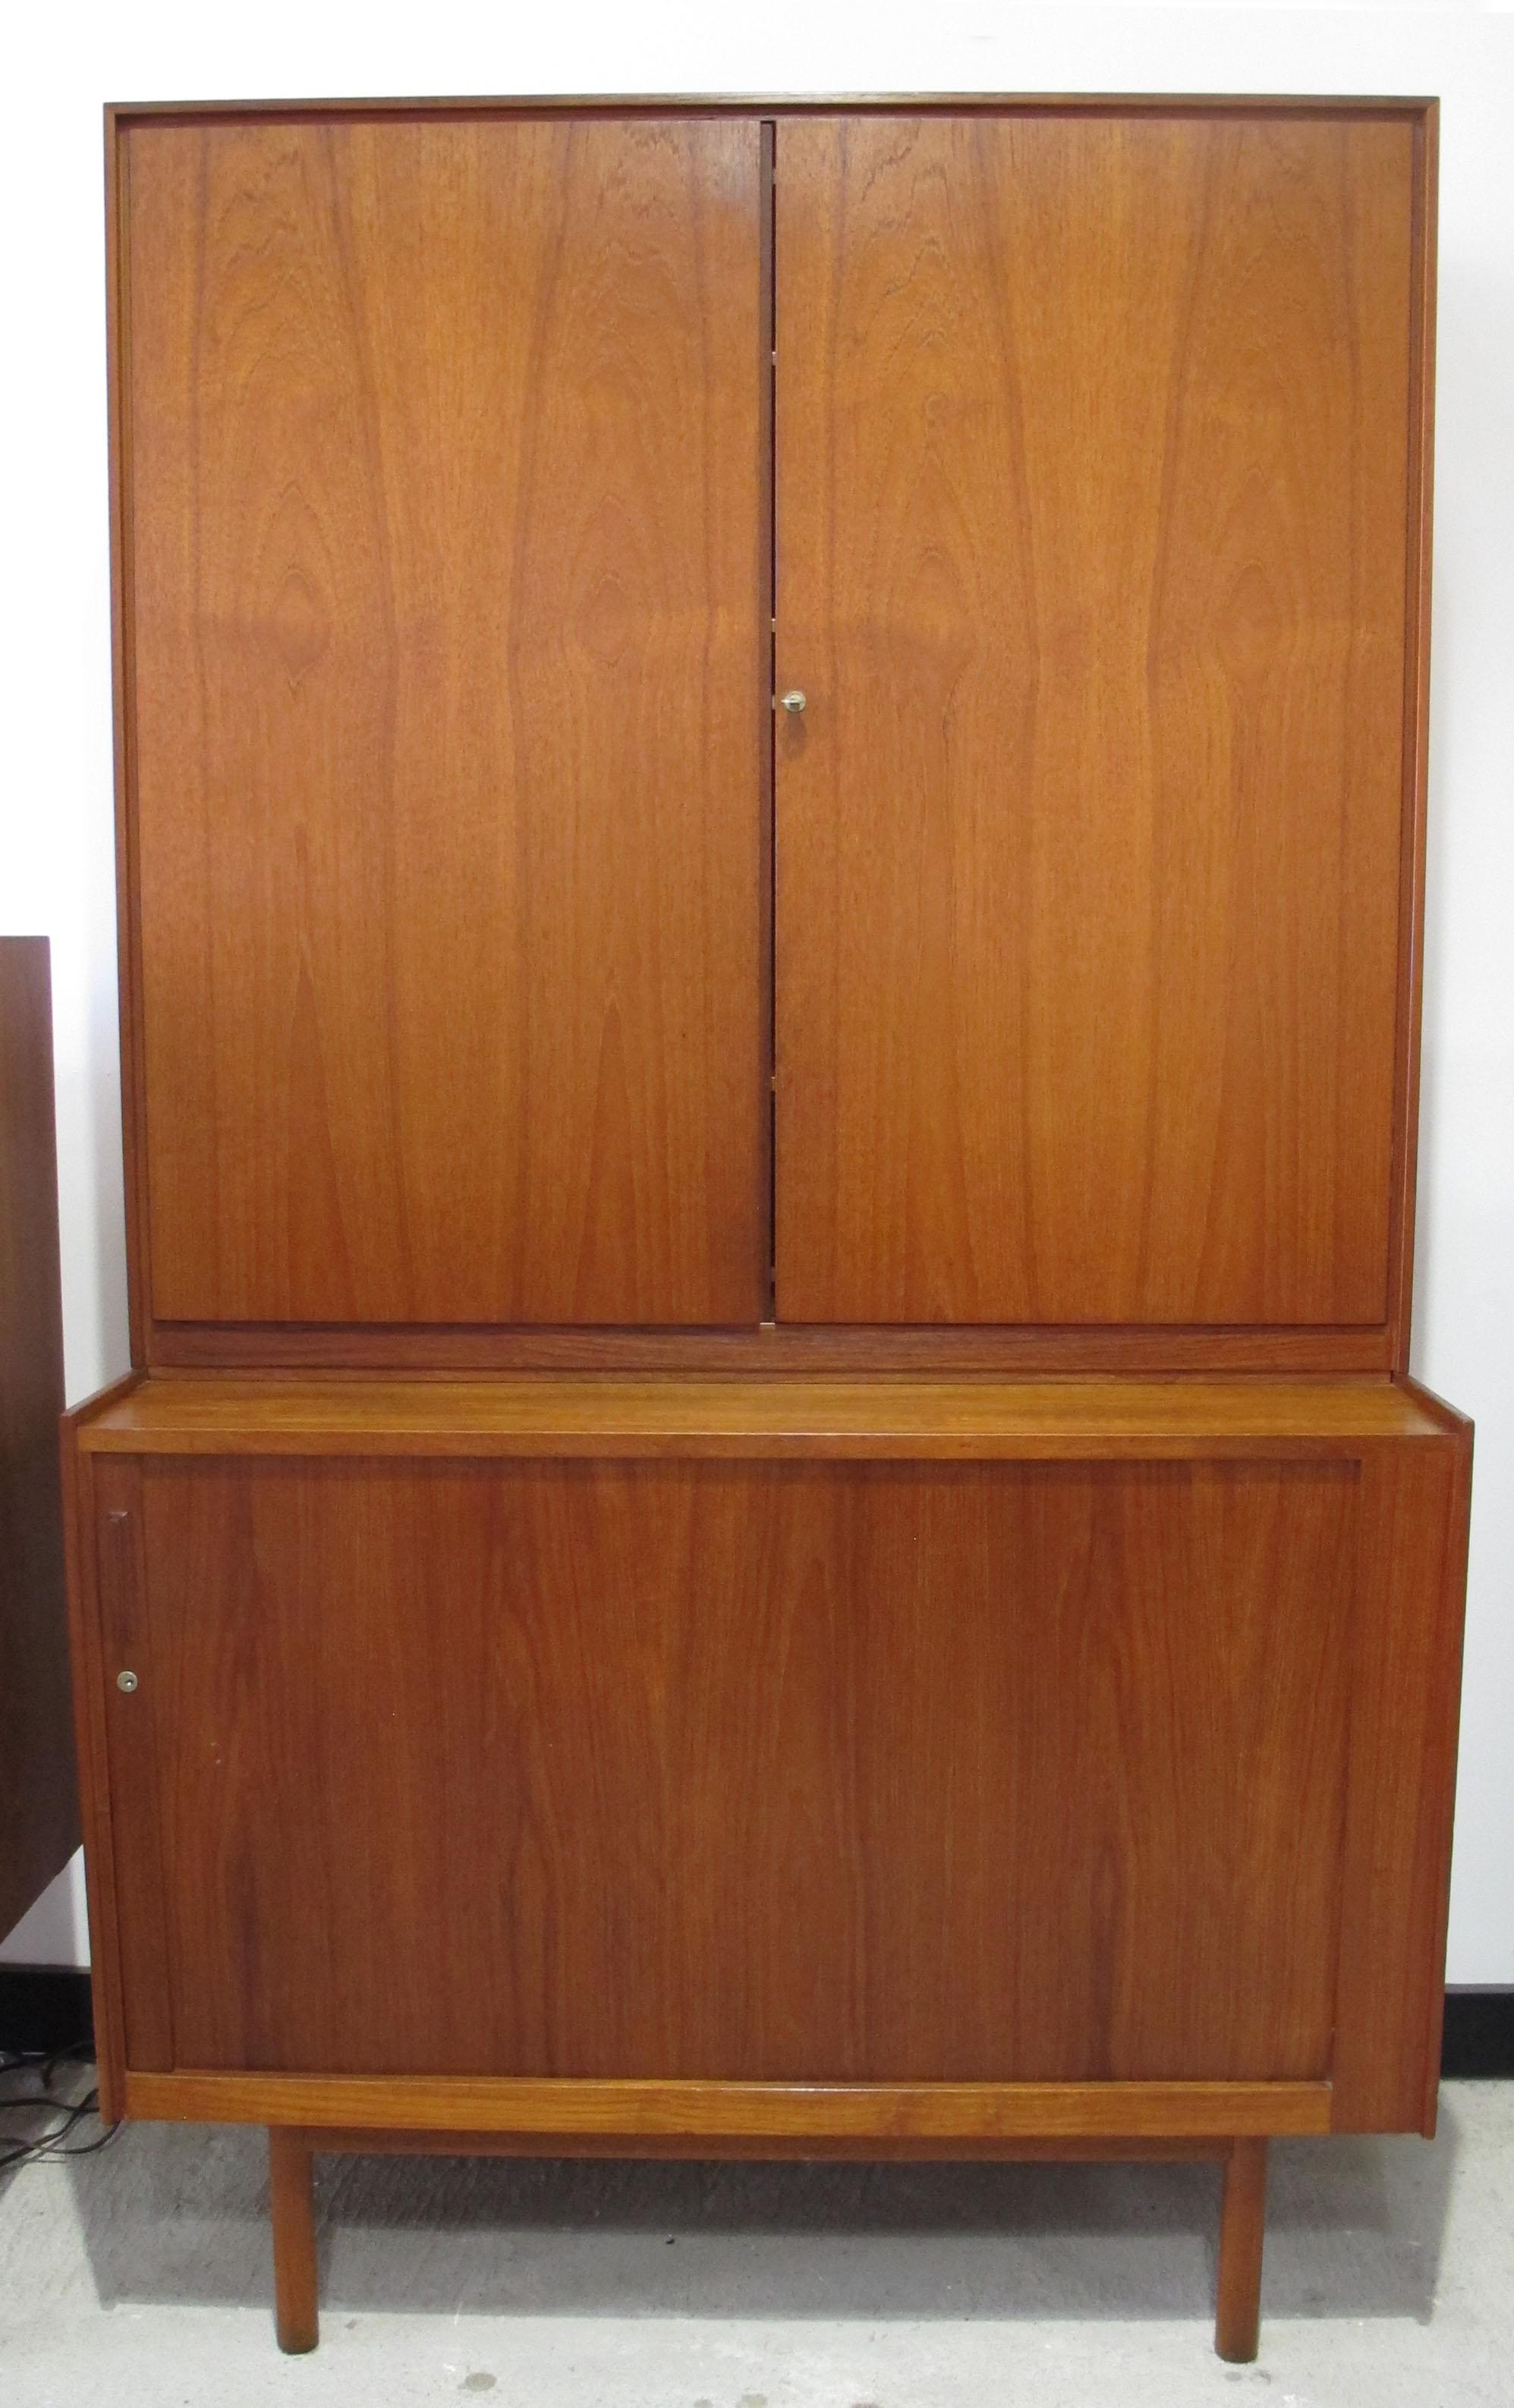 TALL DANISH TEAK CABINET WITH TAMBOUR DOOR